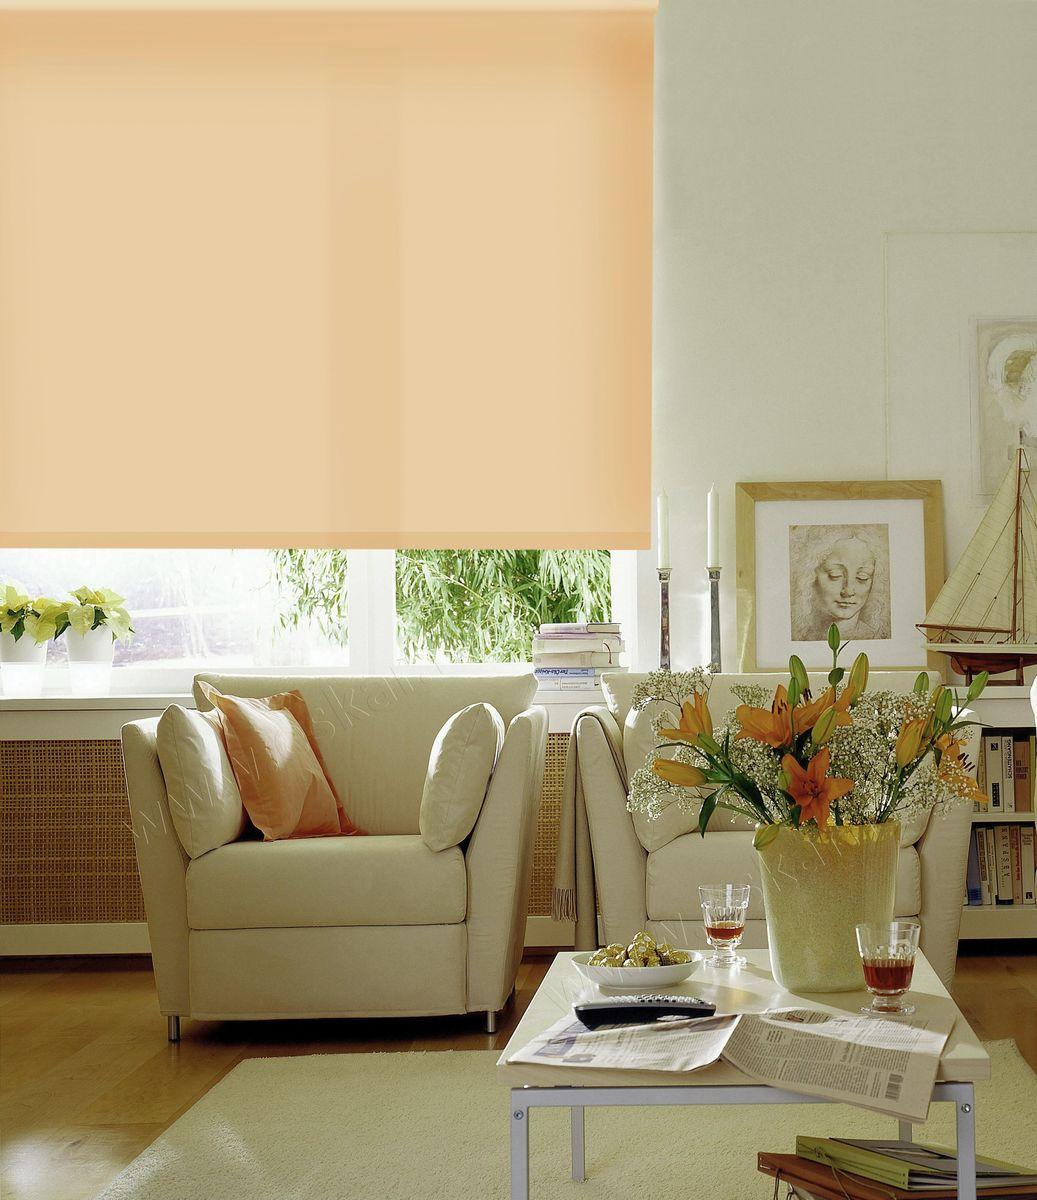 Рулонными шторами можно оформлять окна как самостоятельно, так и  использовать в комбинации с портьерами. Это поможет предотвратить  выгорание дорогой ткани на солнце и соединит функционал рулонных с  красотой навесных.   Преимущества применения рулонных штор для пластиковых окон:   - имеют прекрасный внешний вид: многообразие и фактурность материала  изделия отлично смотрятся в любом интерьере;  - многофункциональны: есть возможность подобрать шторы способные  эффективно защитить комнату от солнца, при этом о на не будет слишком  темной.  - Есть возможность осуществить быстрый монтаж.   ВНИМАНИЕ! Размеры ширины изделия указаны по ширине ткани!   Во время эксплуатации не рекомендуется полностью разматывать рулон, чтобы  не оторвать ткань от намоточного вала.   В случае загрязнения поверхности ткани, чистку шторы проводят одним из  способов, в зависимости от типа загрязнения:  легкое поверхностное загрязнение можно удалить при помощи канцелярского  ластика;  чистка от пыли производится сухим методом при помощи пылесоса с мягкой  щеткой-насадкой;  для удаления пятна используйте мягкую губку с пенообразующим неагрессивным  моющим средством или пятновыводитель на натуральной основе (нельзя  применять растворители).